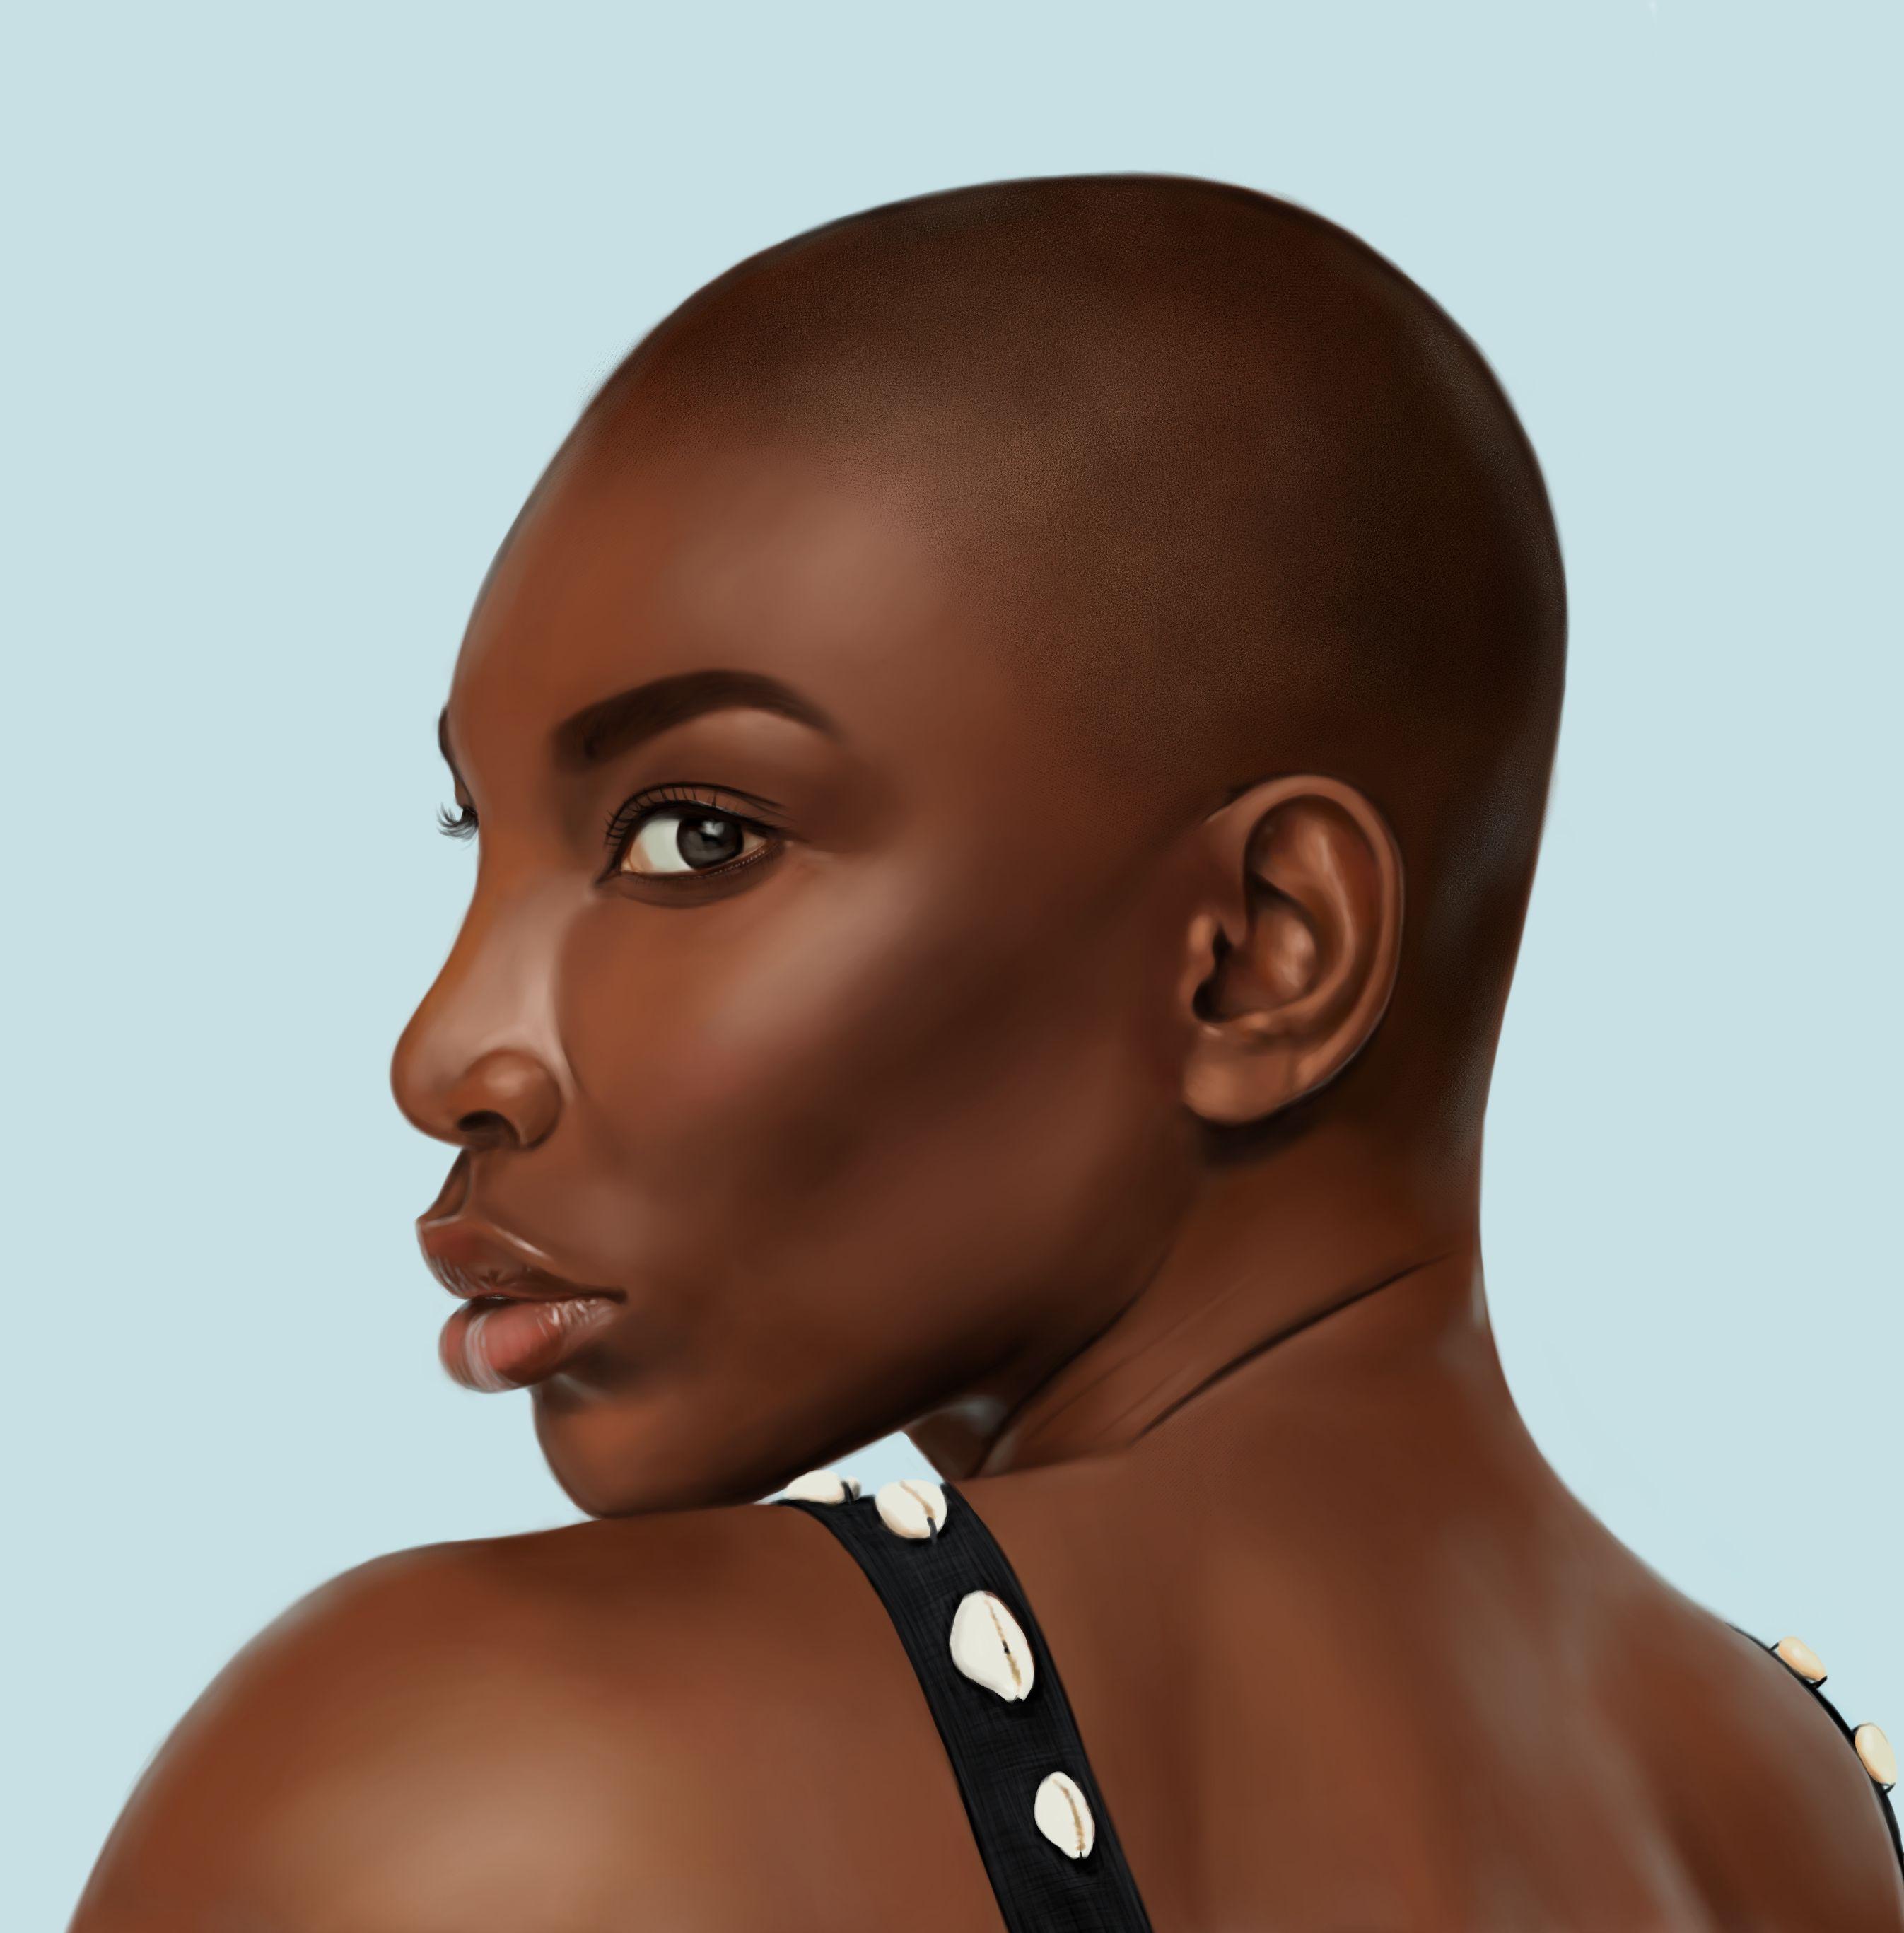 Digital painting artwork of actress Michaela Coel